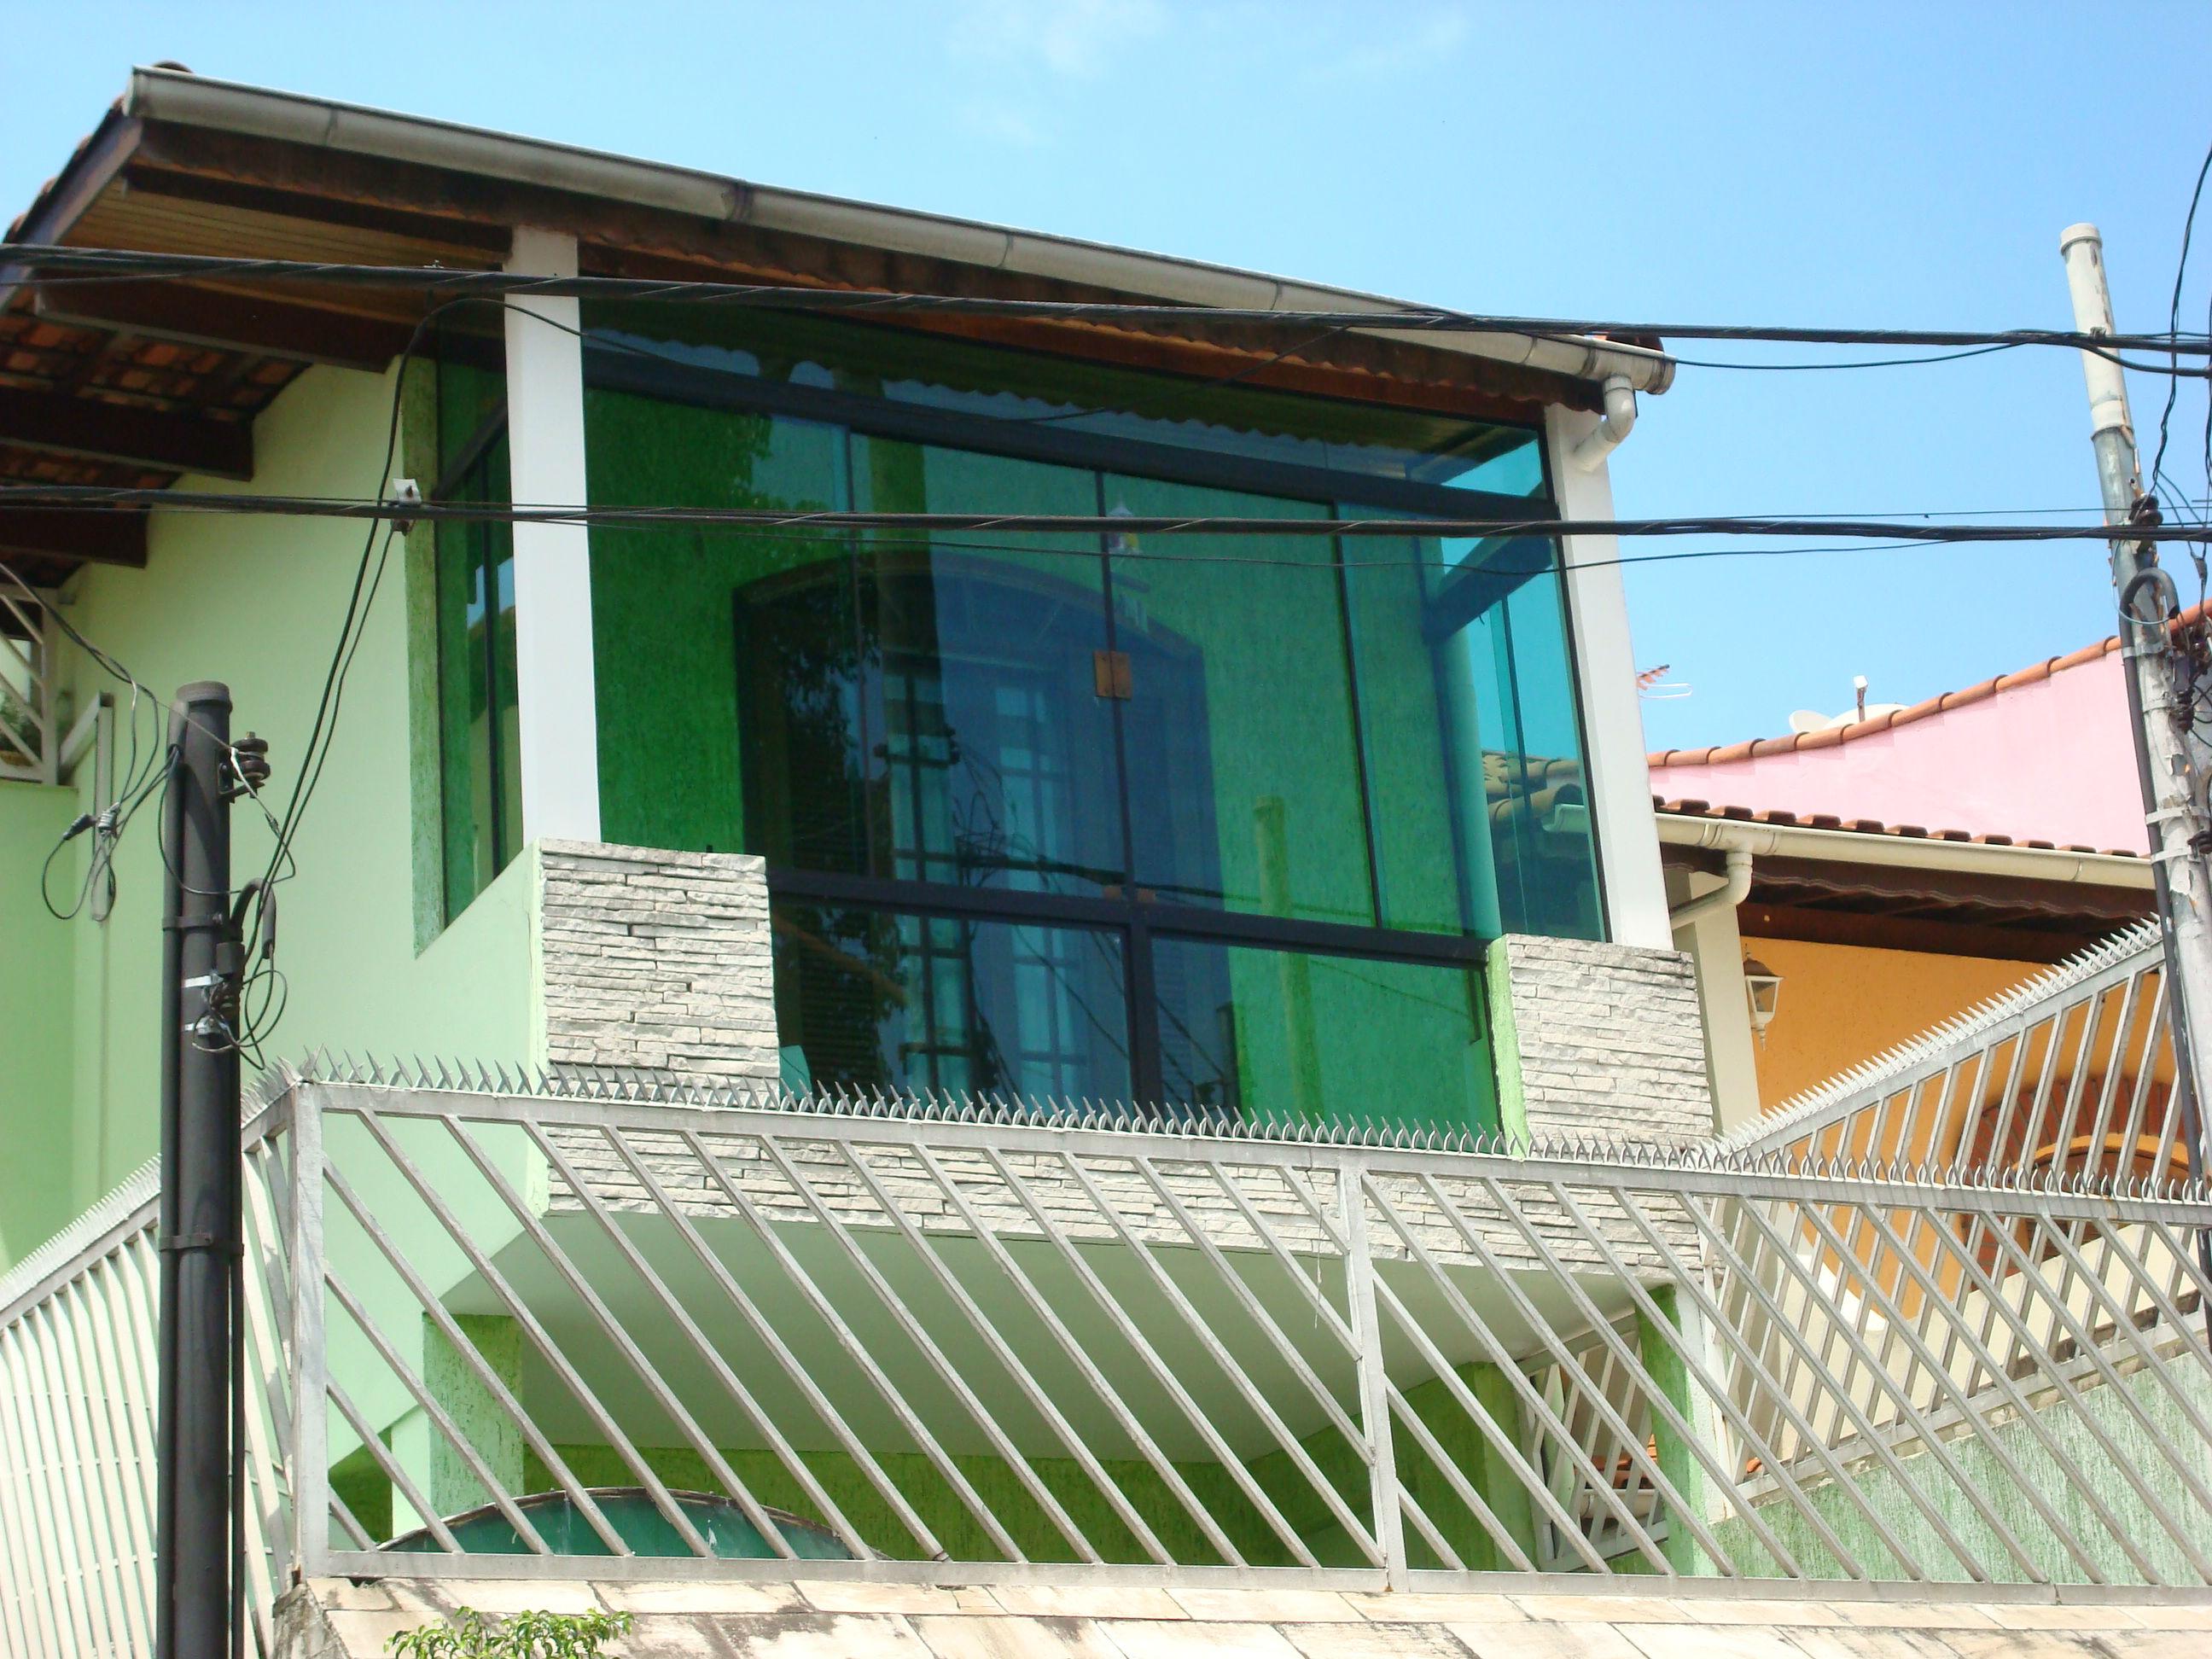 Imagens de #087BC3 29 de mar o de 2012 quinta sacada sacada em vidro verde 08mm 2592x1944 px 3552 Blindex Banheiro Df